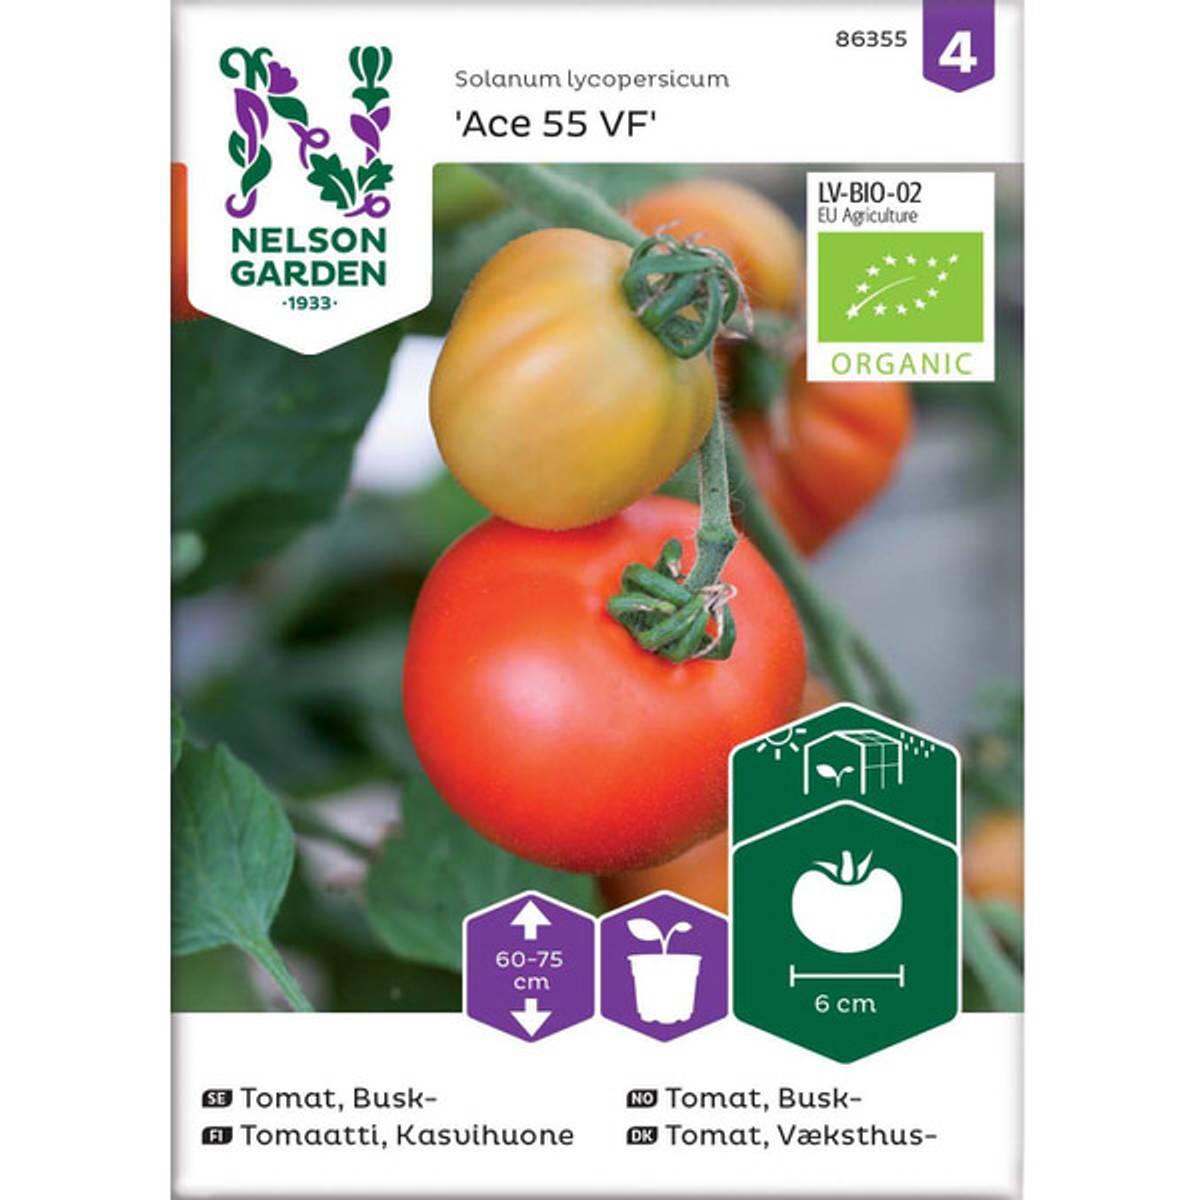 Tomat, Veksthus- 'Ace 55 VF'